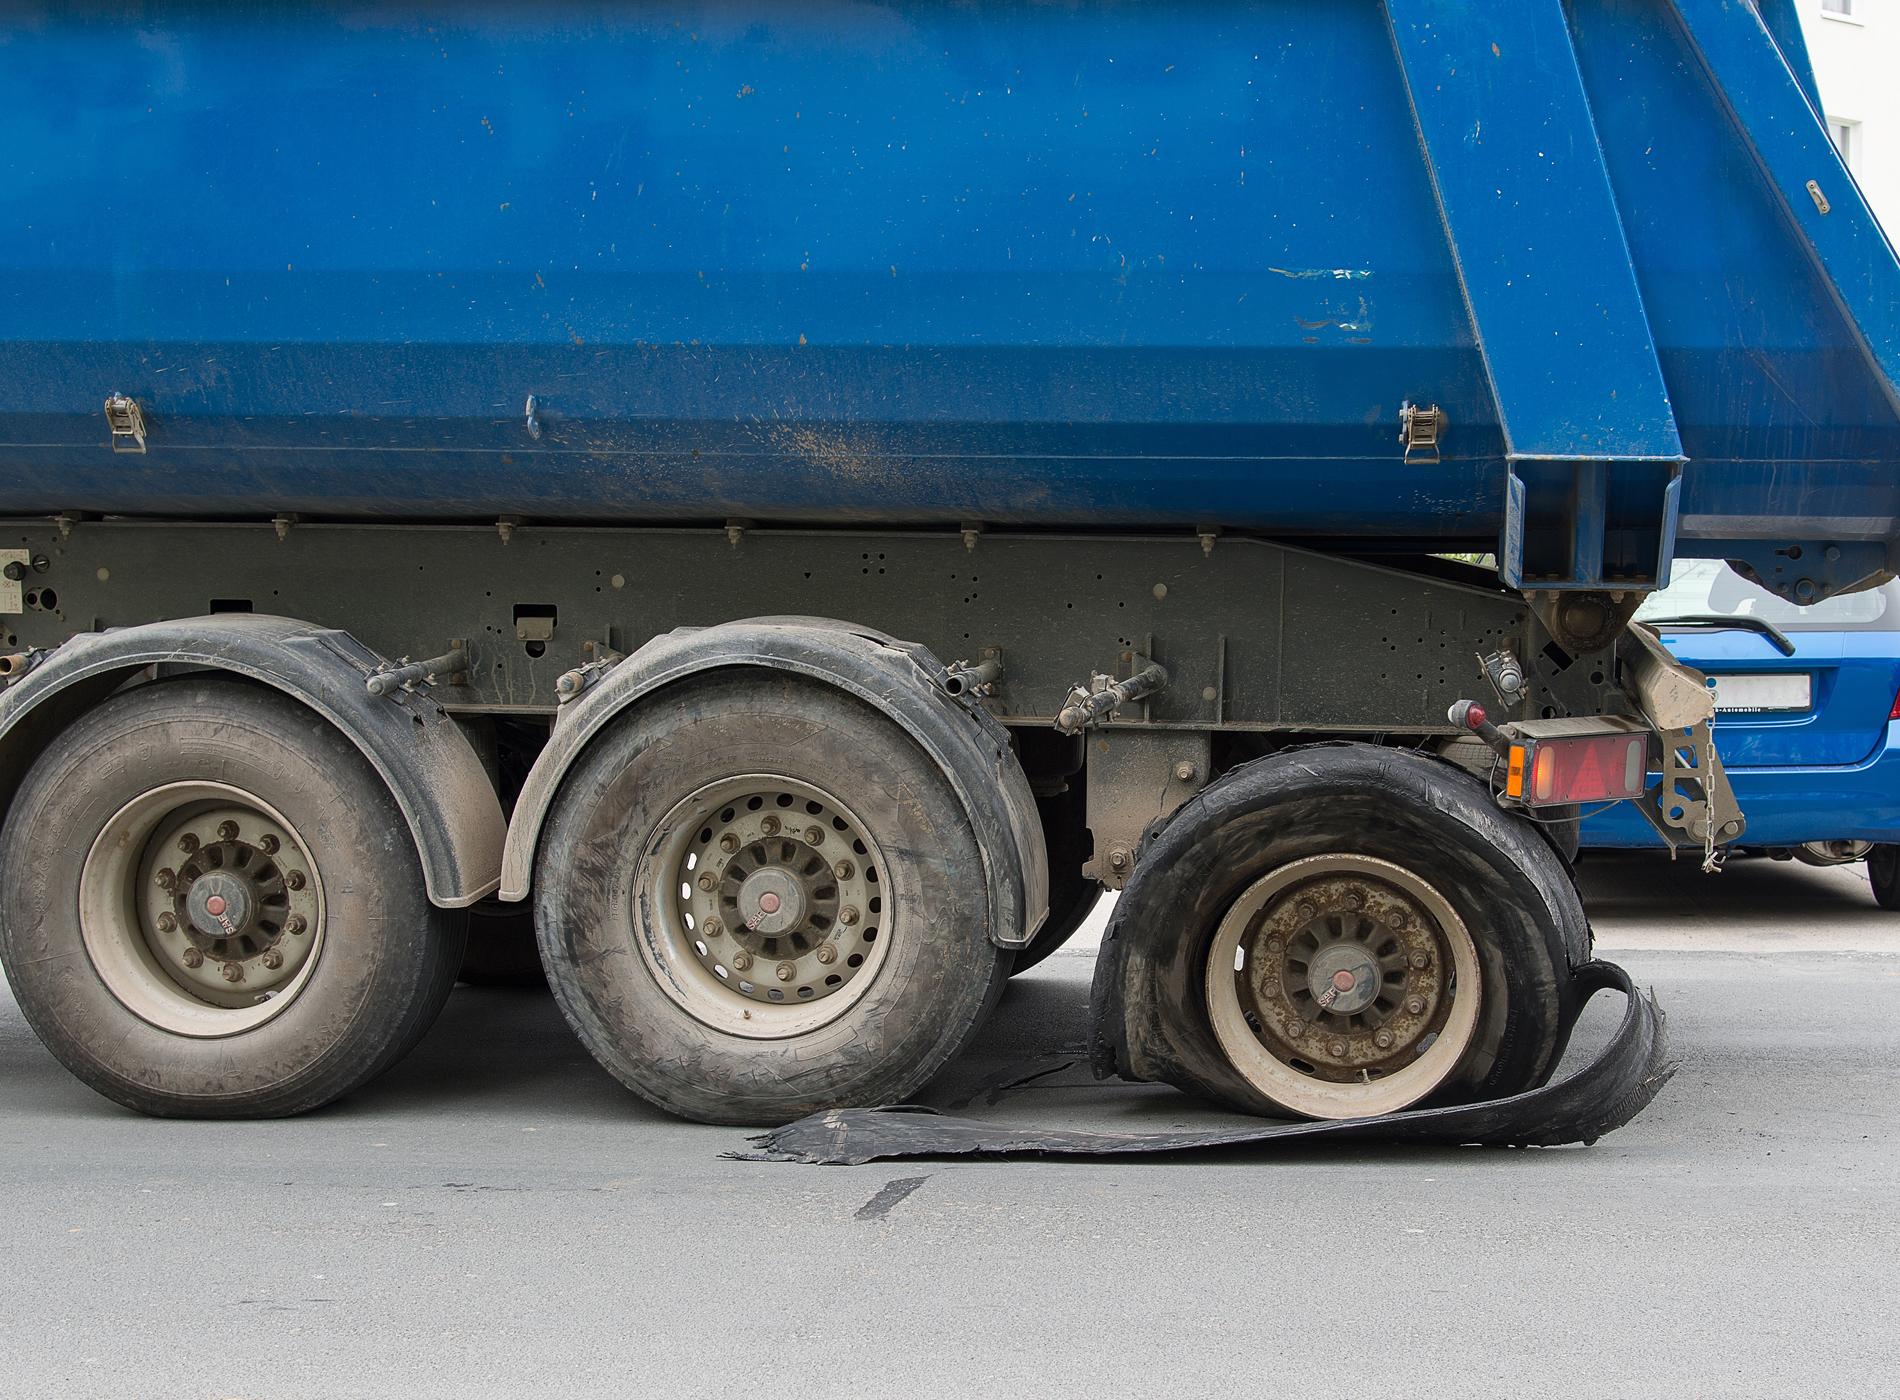 LKW-Panne? Das sind die 5 häufigsten Ursachen